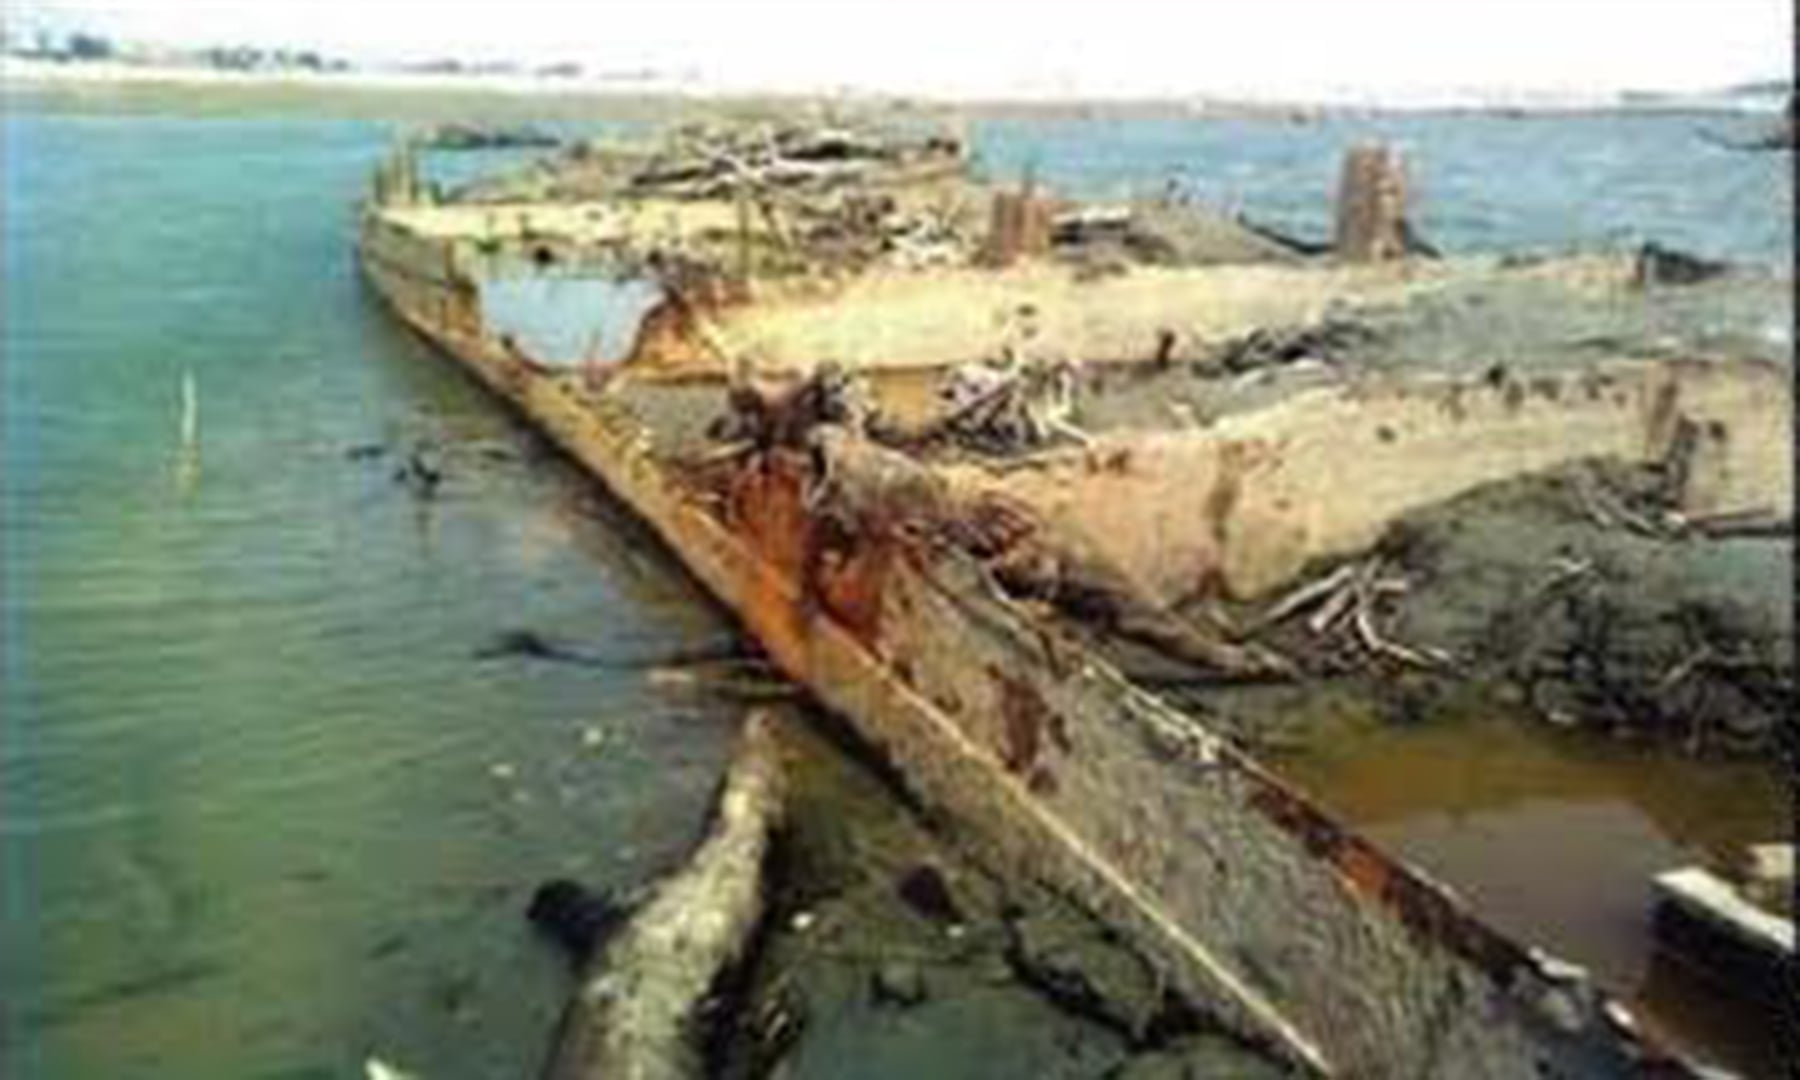 2011 میں دریائے سندھ سے ملنے والا انڈس فلوٹیلا کے ایک اسٹیمر کا ڈھانچہ — تصویر بشکریہ روزنامہ کاوش اخبار